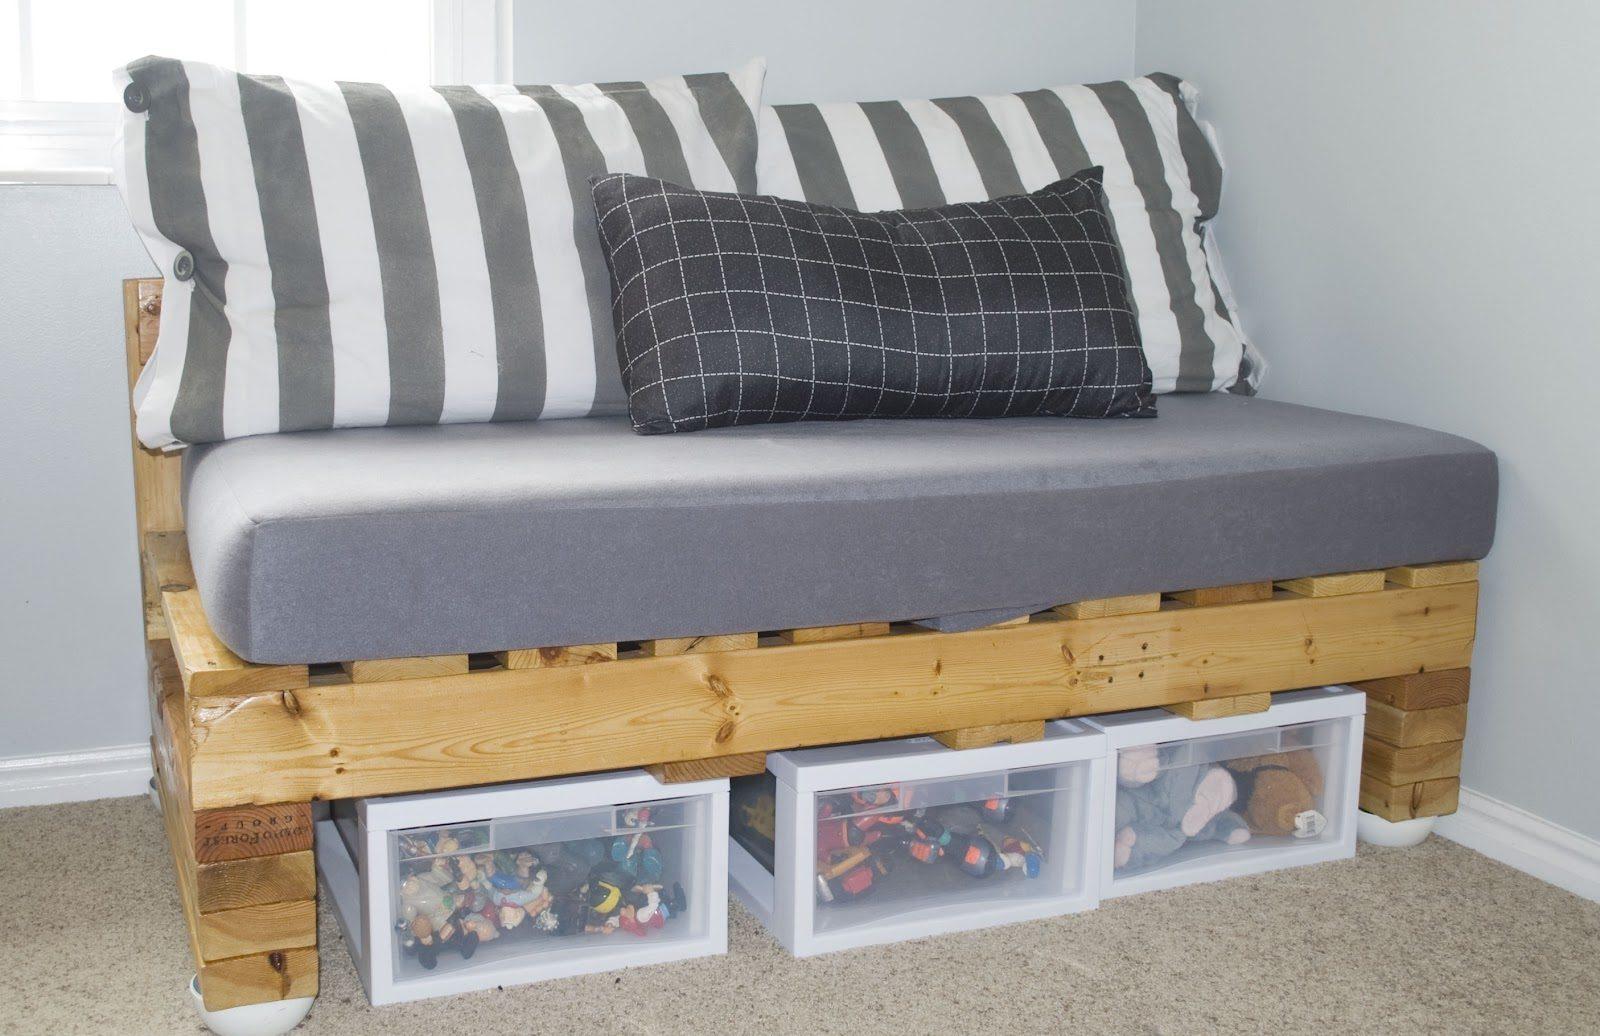 Caixas organizadoras preenchem o espaço inferior do sofá